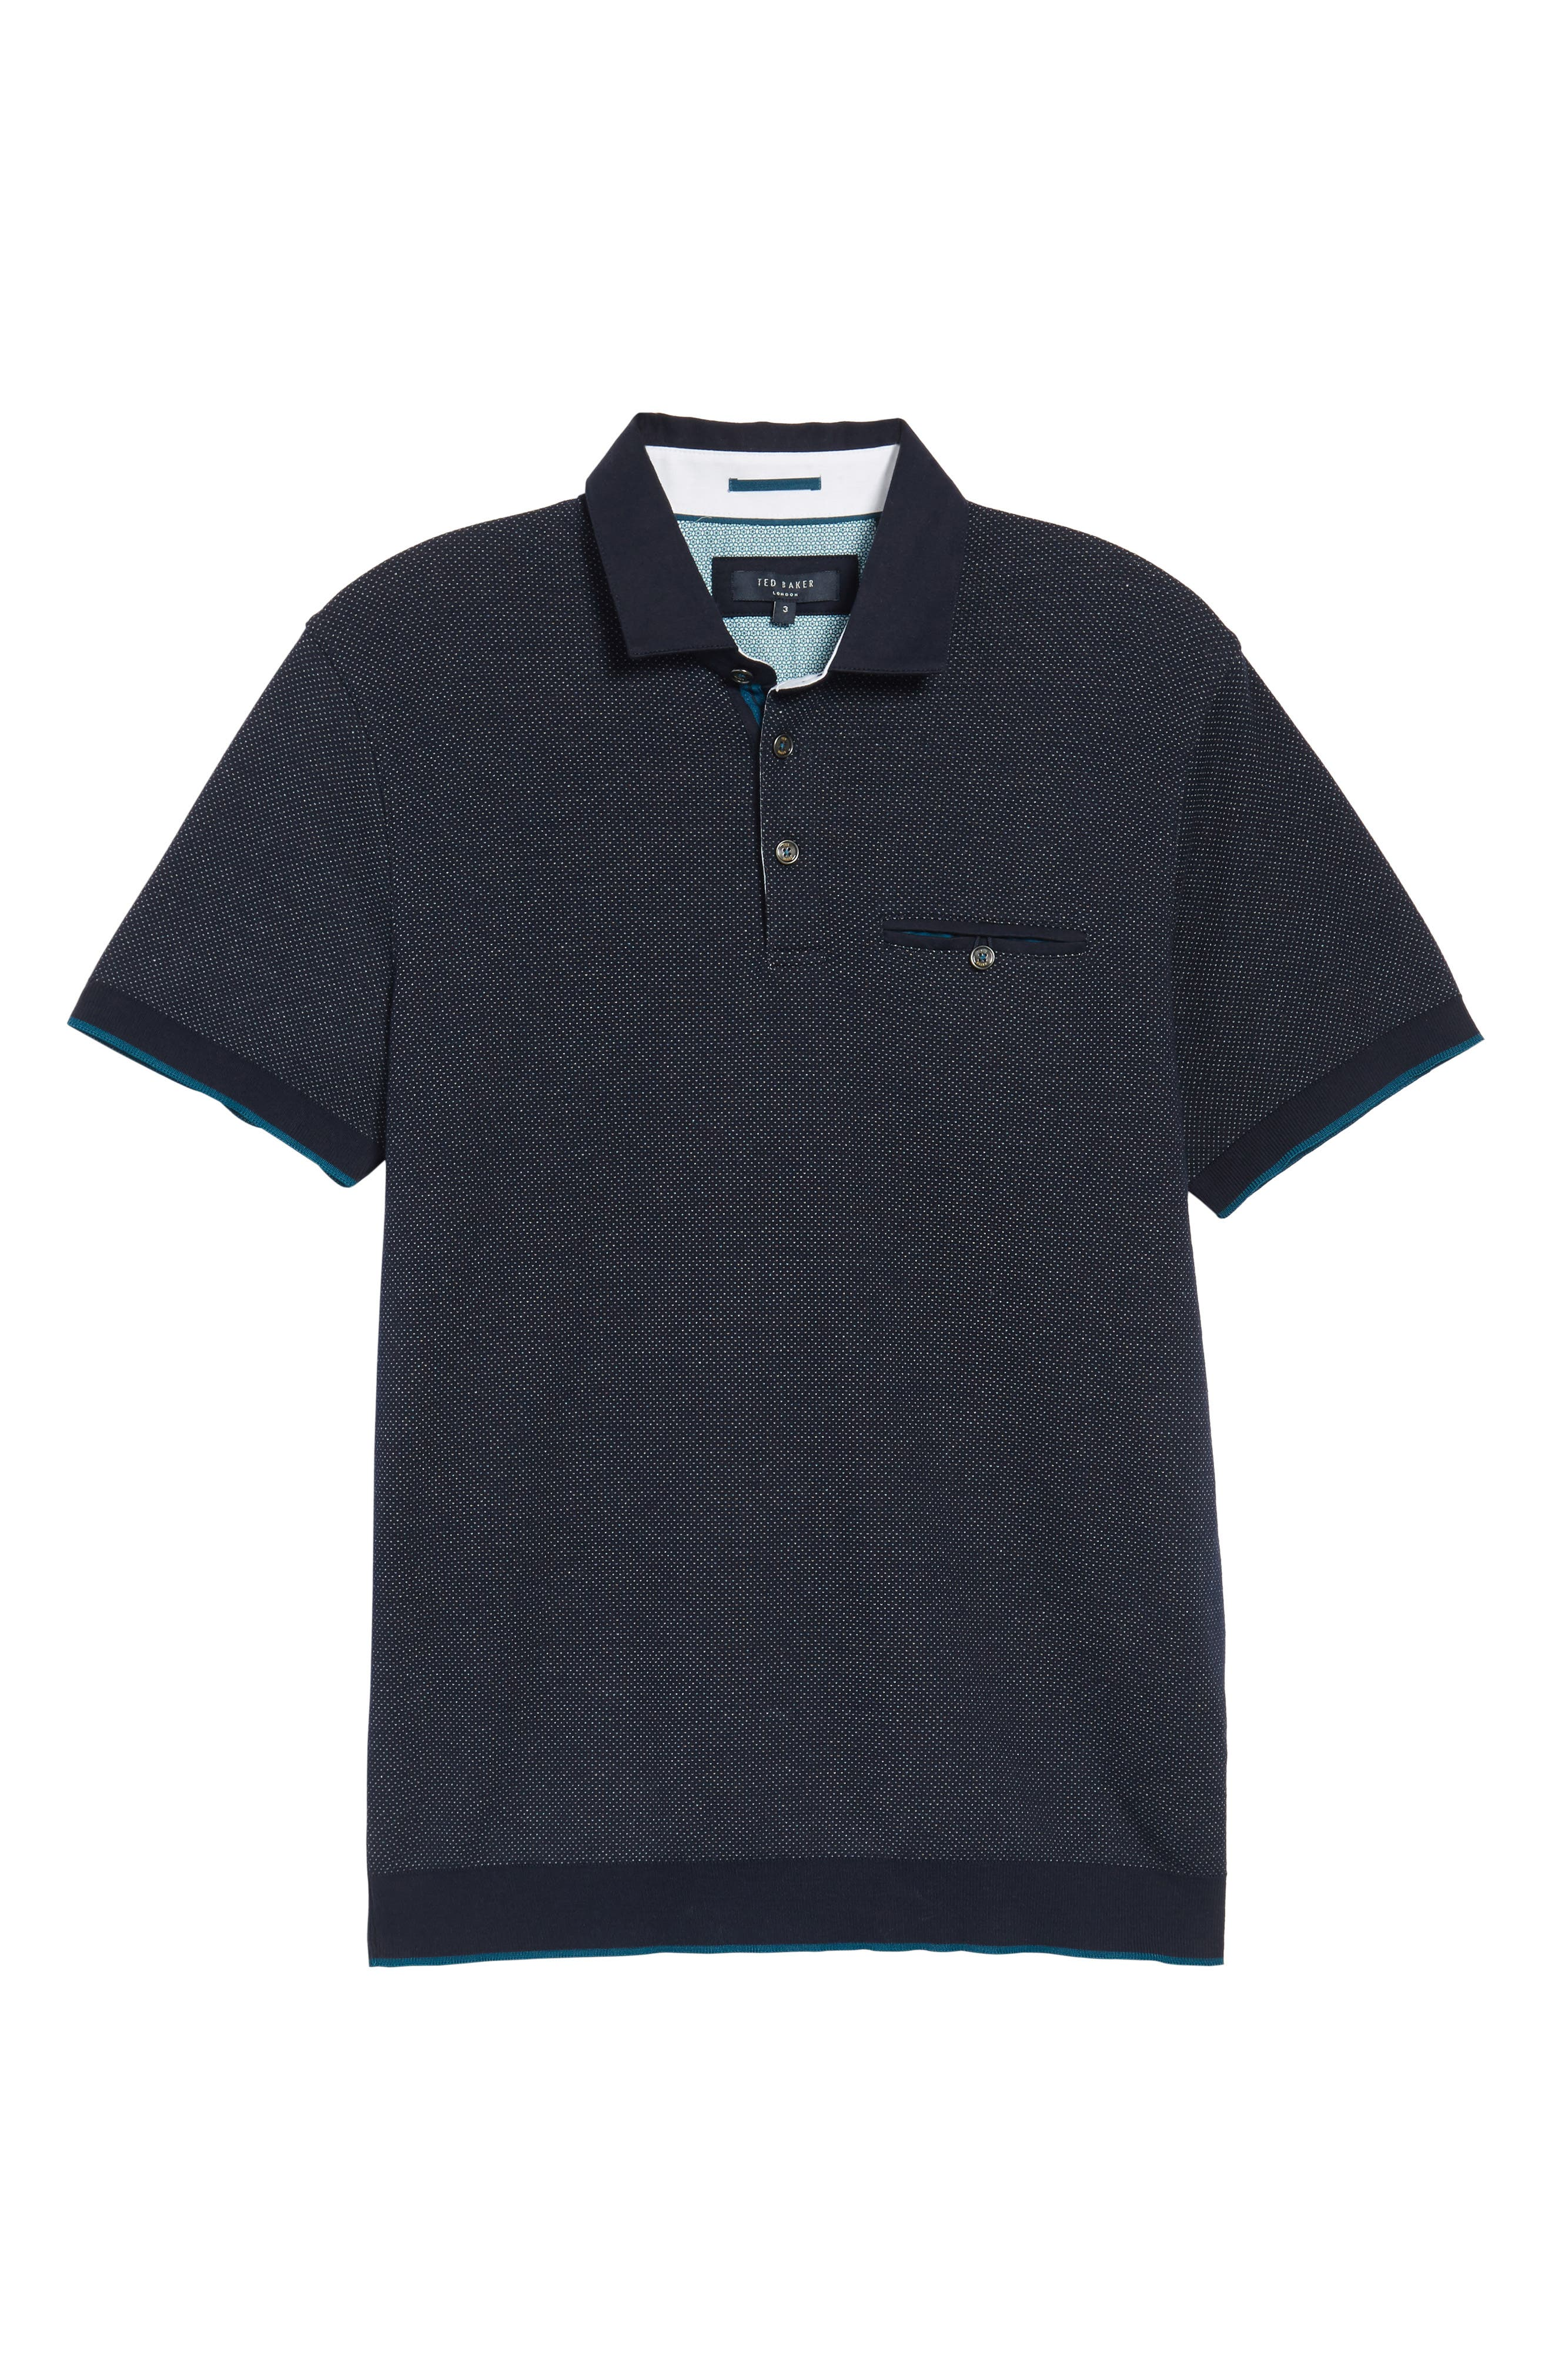 Alburt Modern Slim Fit Polo,                             Alternate thumbnail 5, color,                             Navy